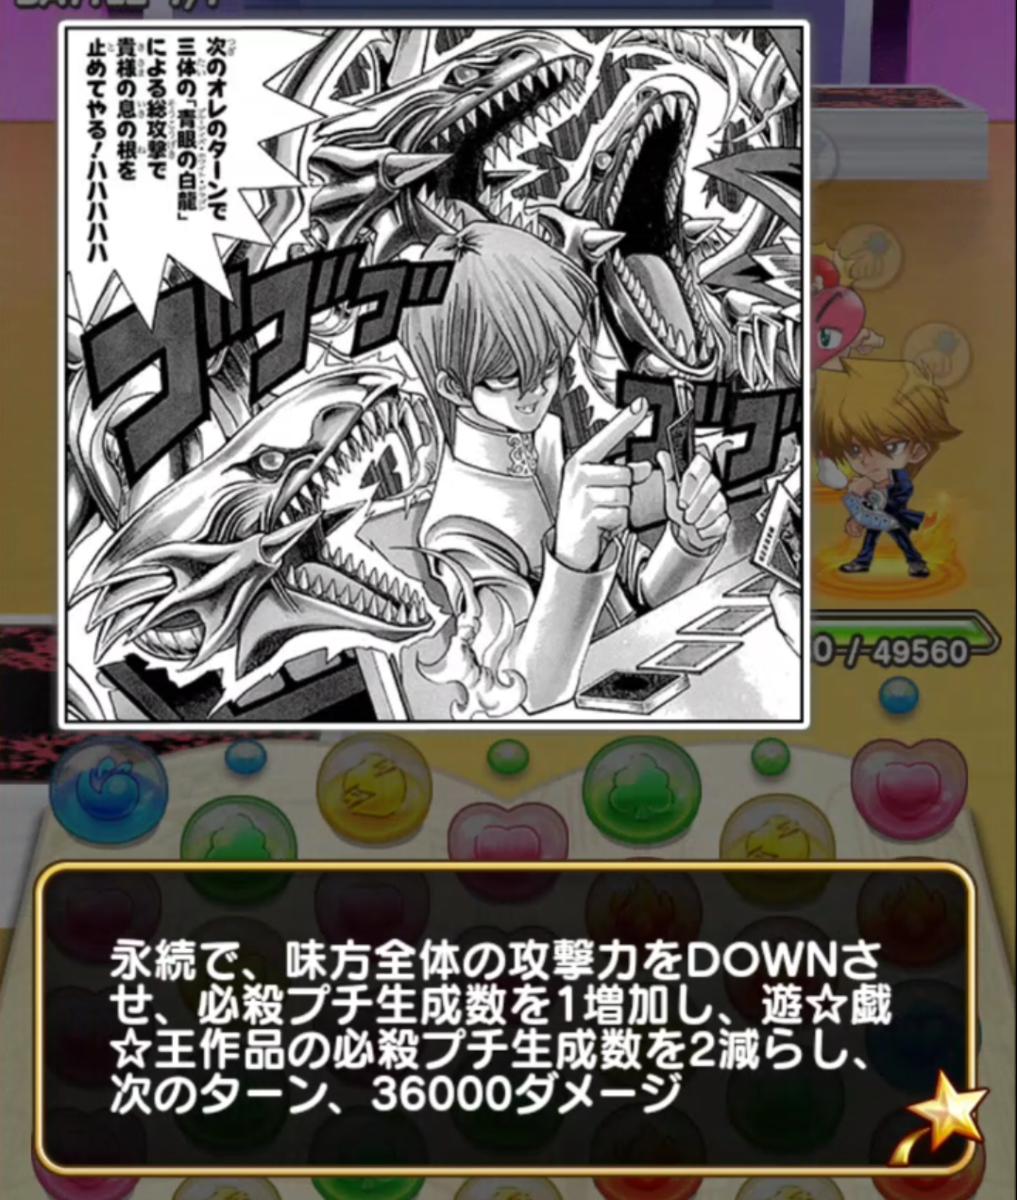 f:id:shinobu-yamanaka3:20191114003546p:plain